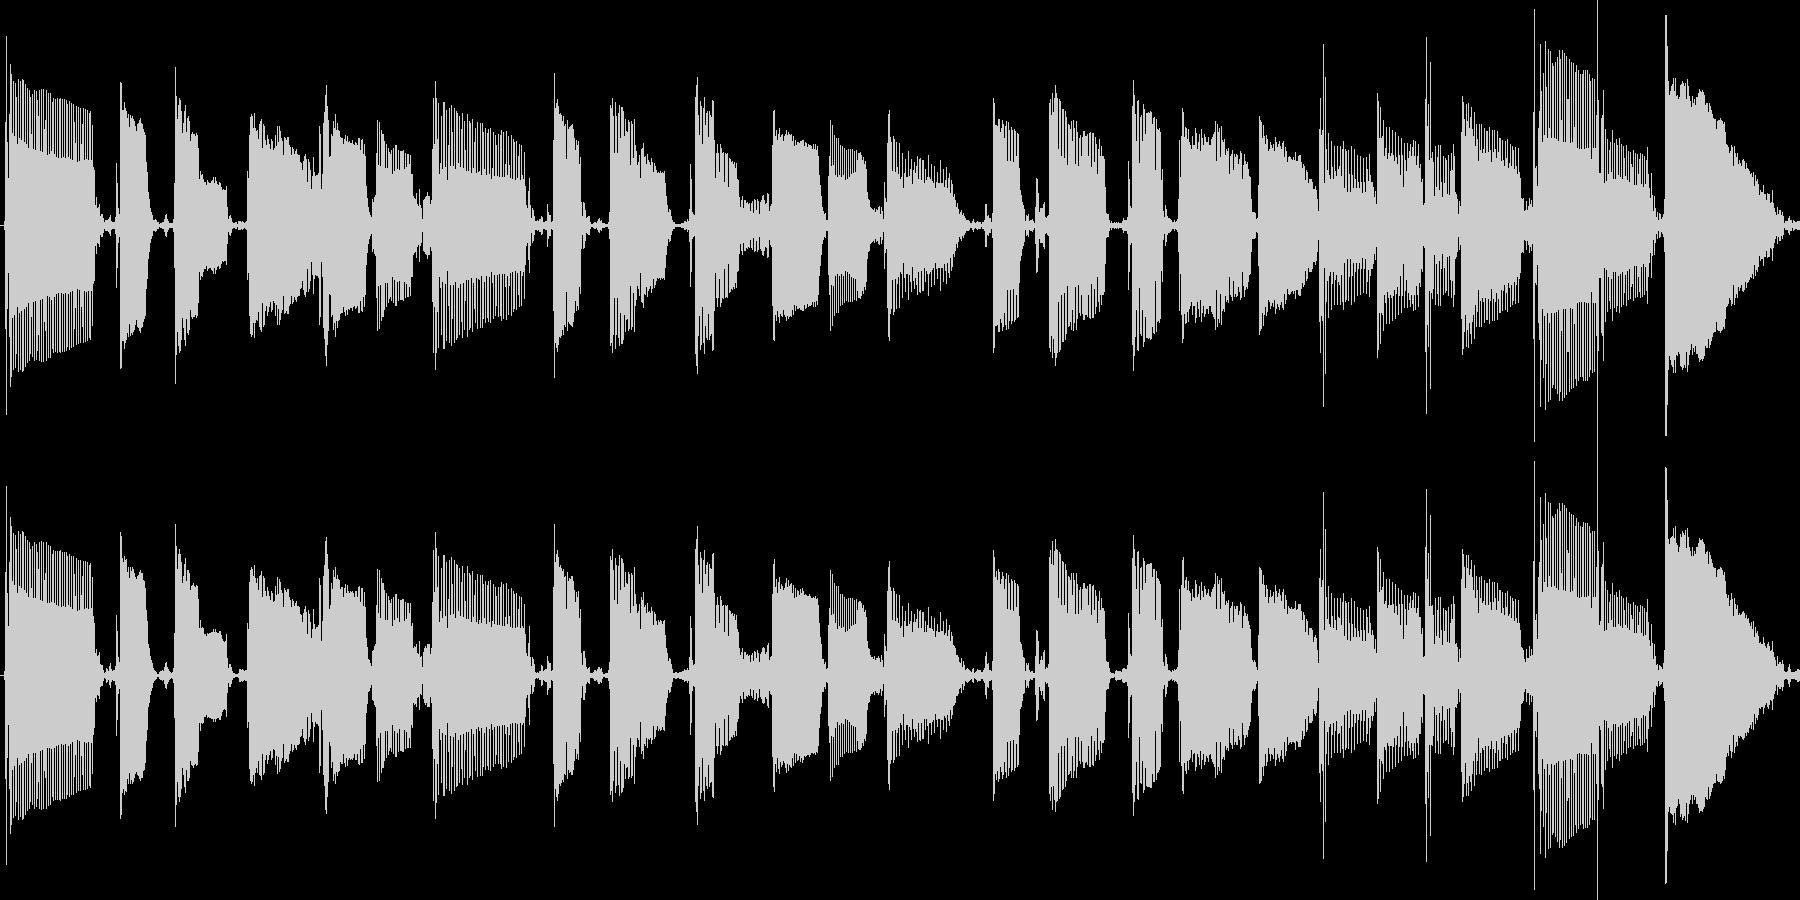 ファンキーなスラップベース素材の未再生の波形